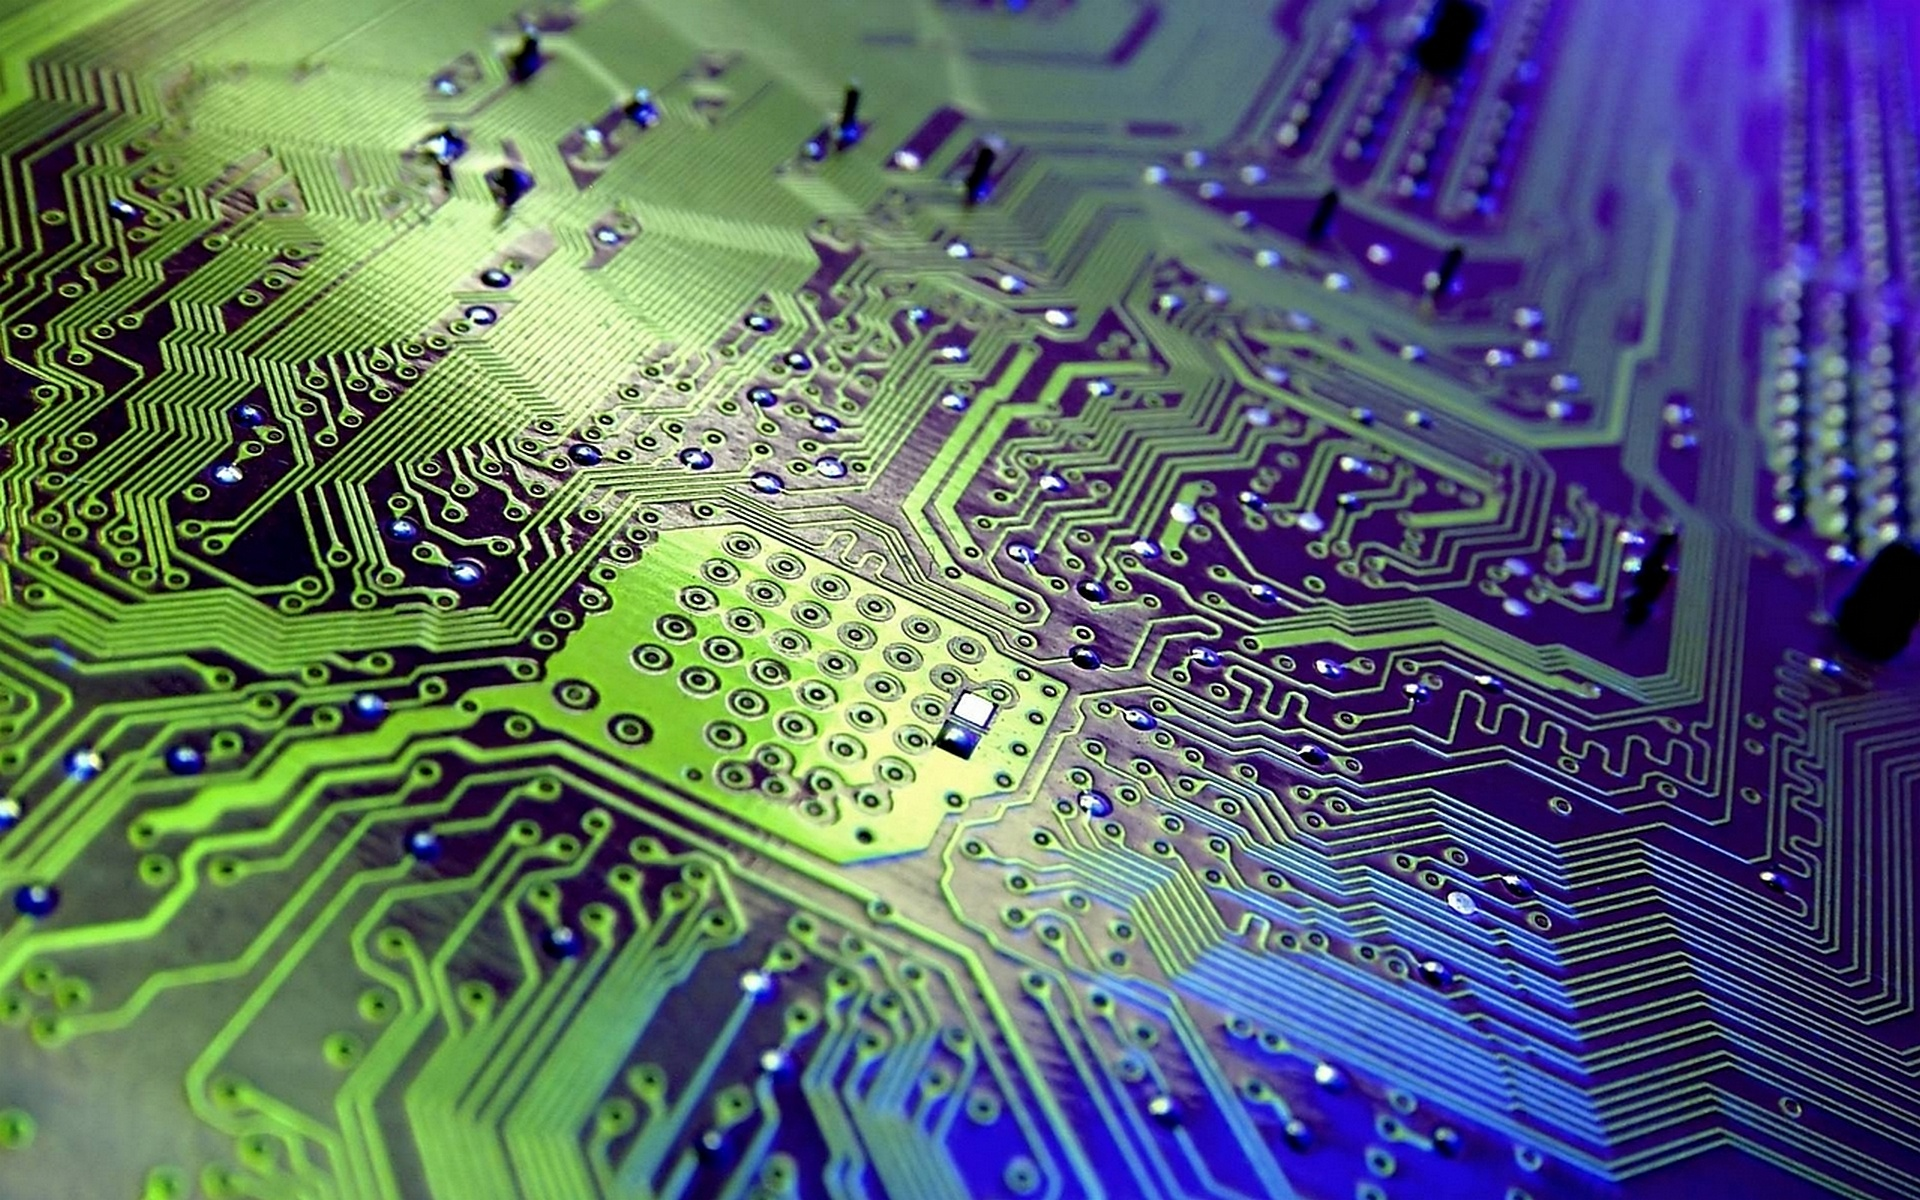 Free-Circuit-Board-Image